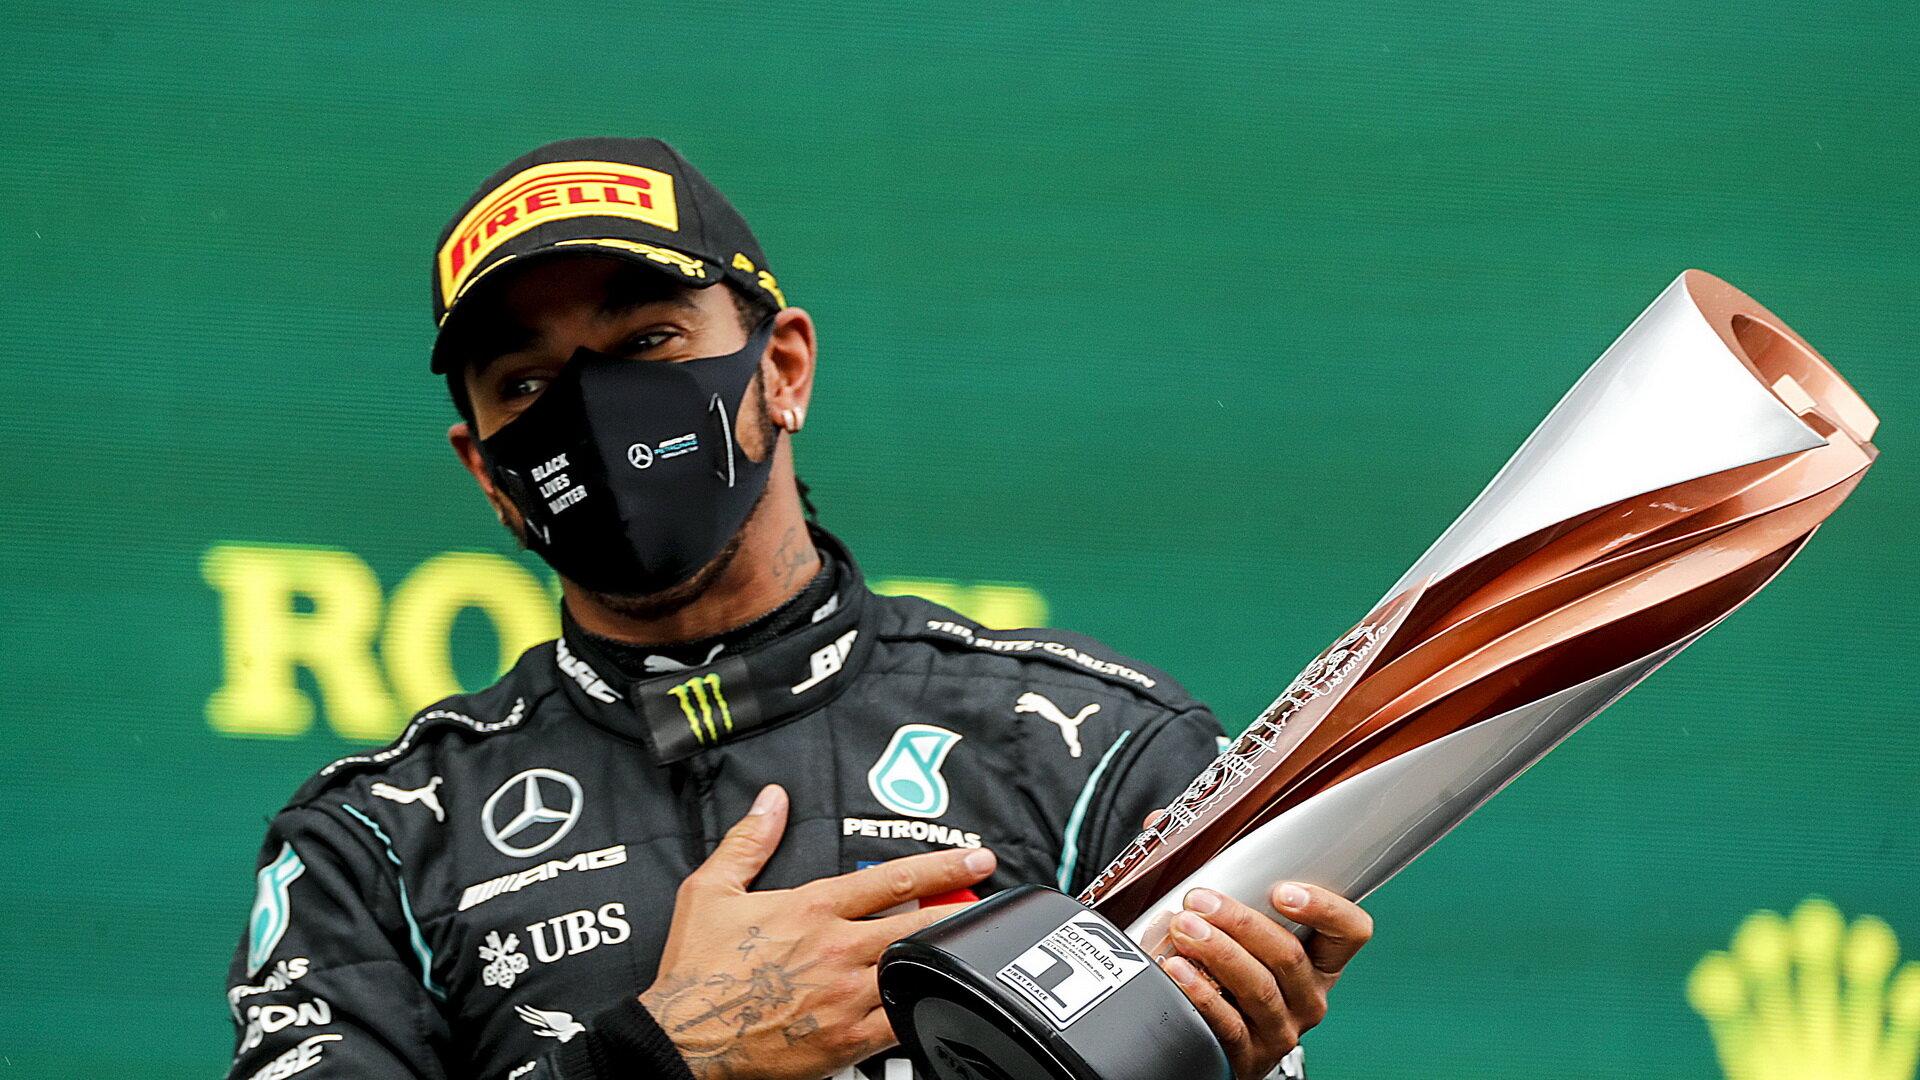 Lewis Hamilton se svou trofejí za první místo po závodě v Turecku